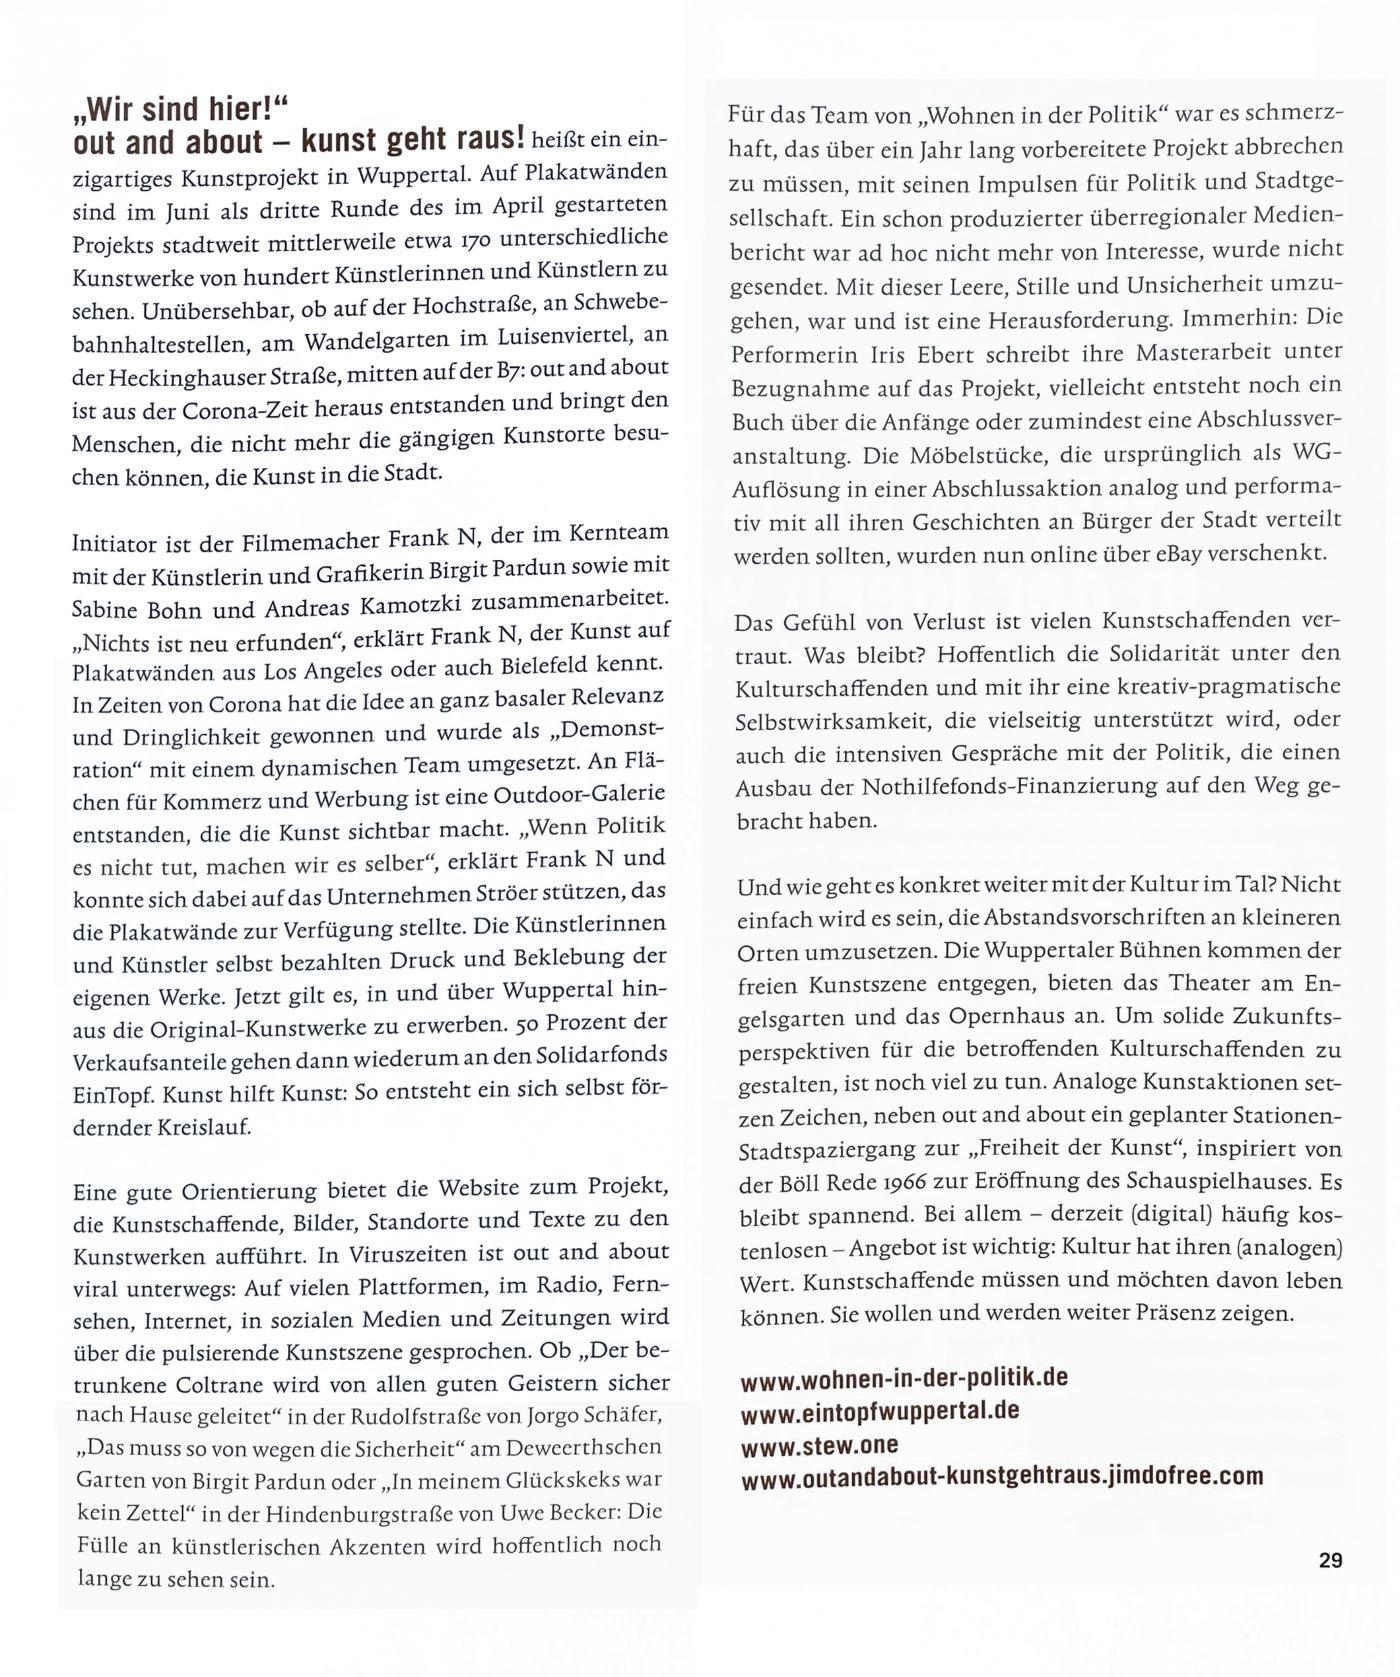 """Auszug aus dem Artikel in """"die beste Zeit"""" Ausgabe 03/2020"""